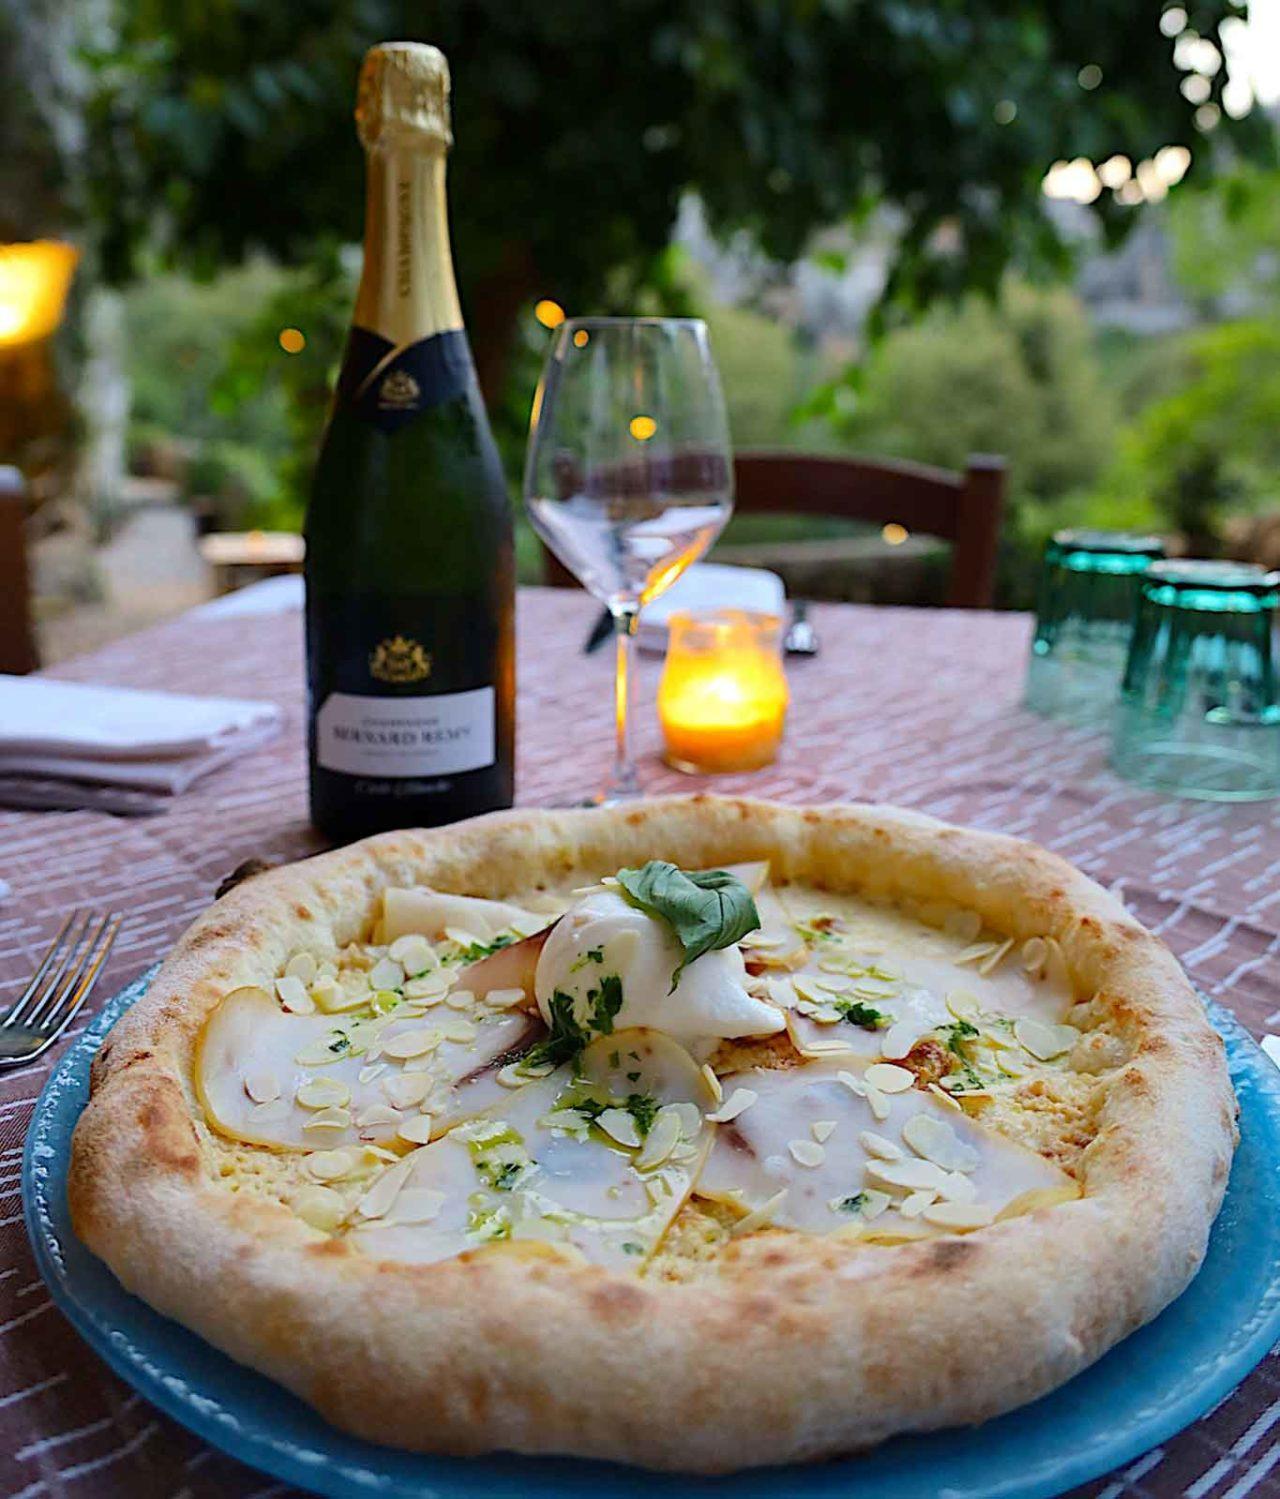 pizza Focallo della pizzeria Caveau celebrata da Selvaggia Lucarelli